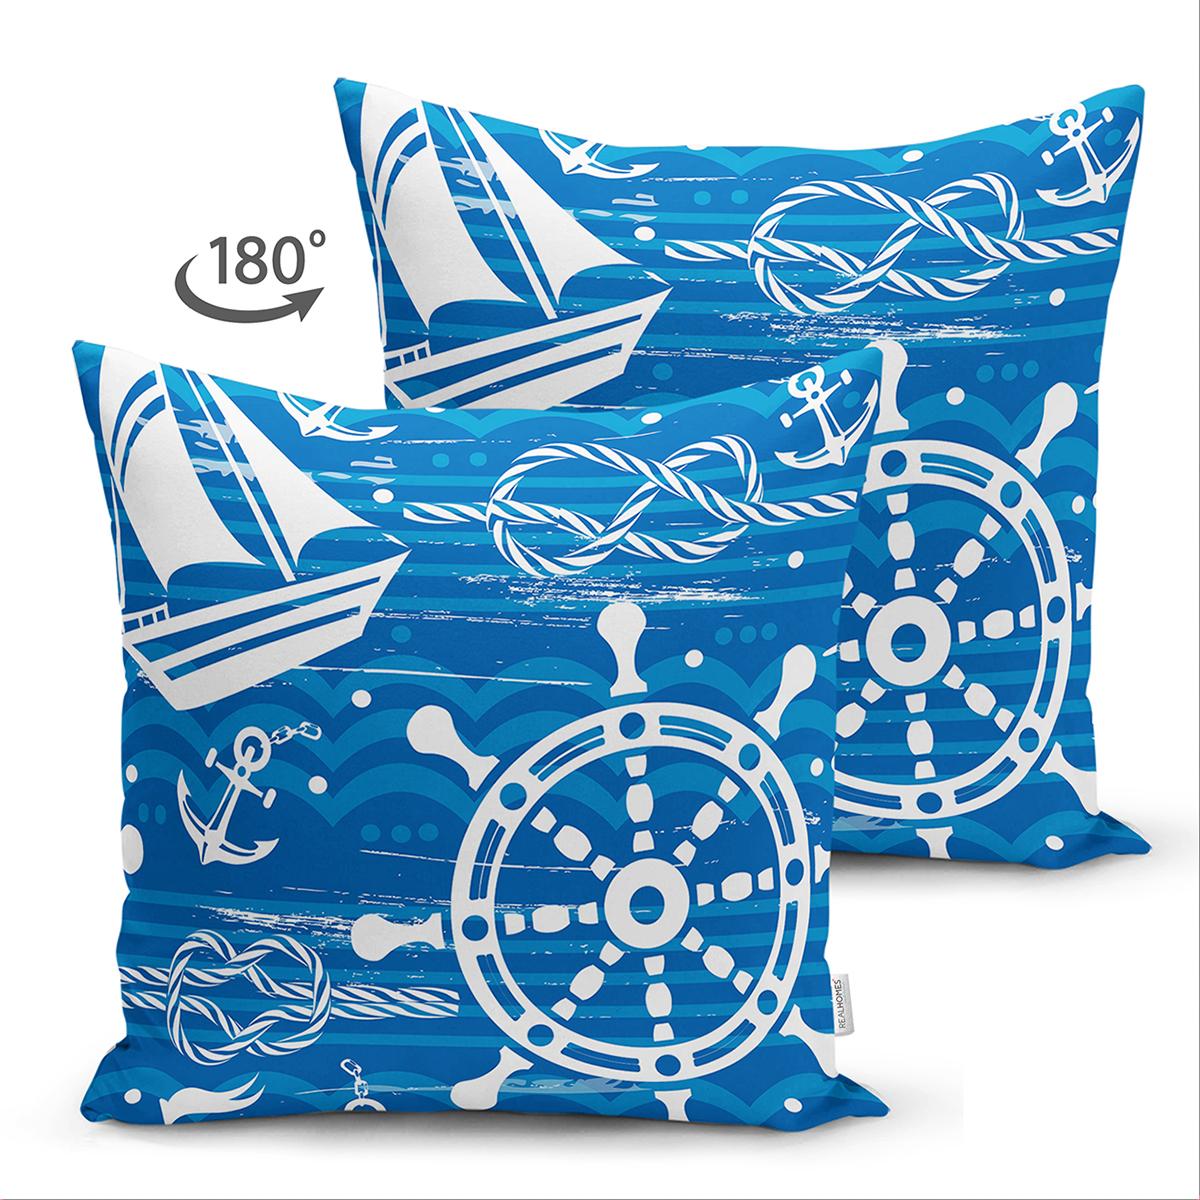 Çift Taraflı Mavi Beyaz Zeminli Deniz Yıldızı Desenli Dijital Baskılı Modern Süet Yastık Kılıfı Realhomes